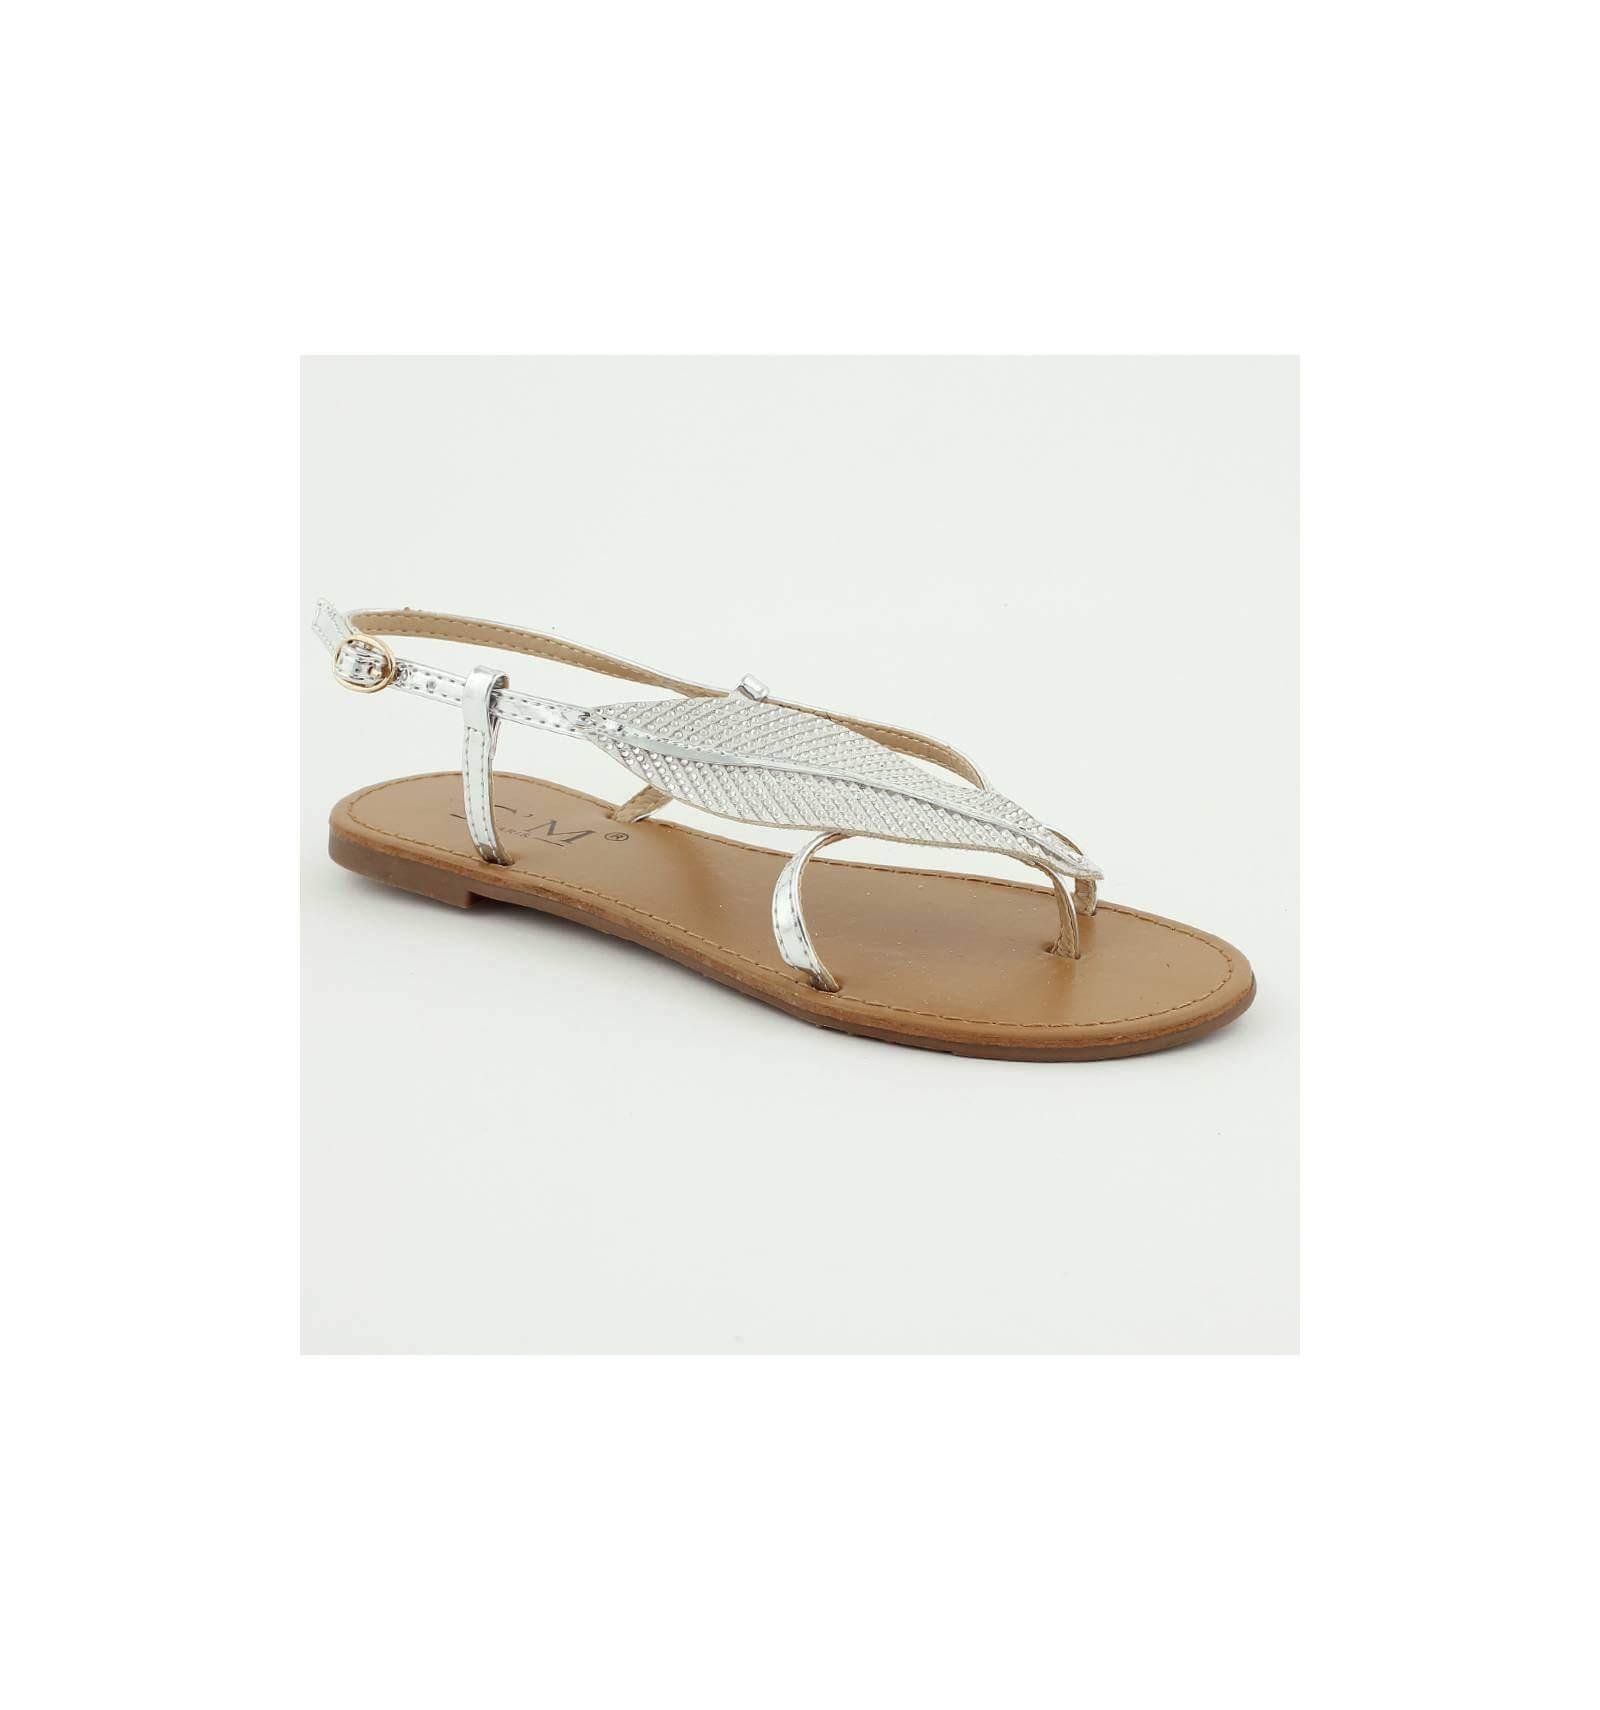 Sandale chic simili cuir plate avec feuille strassée